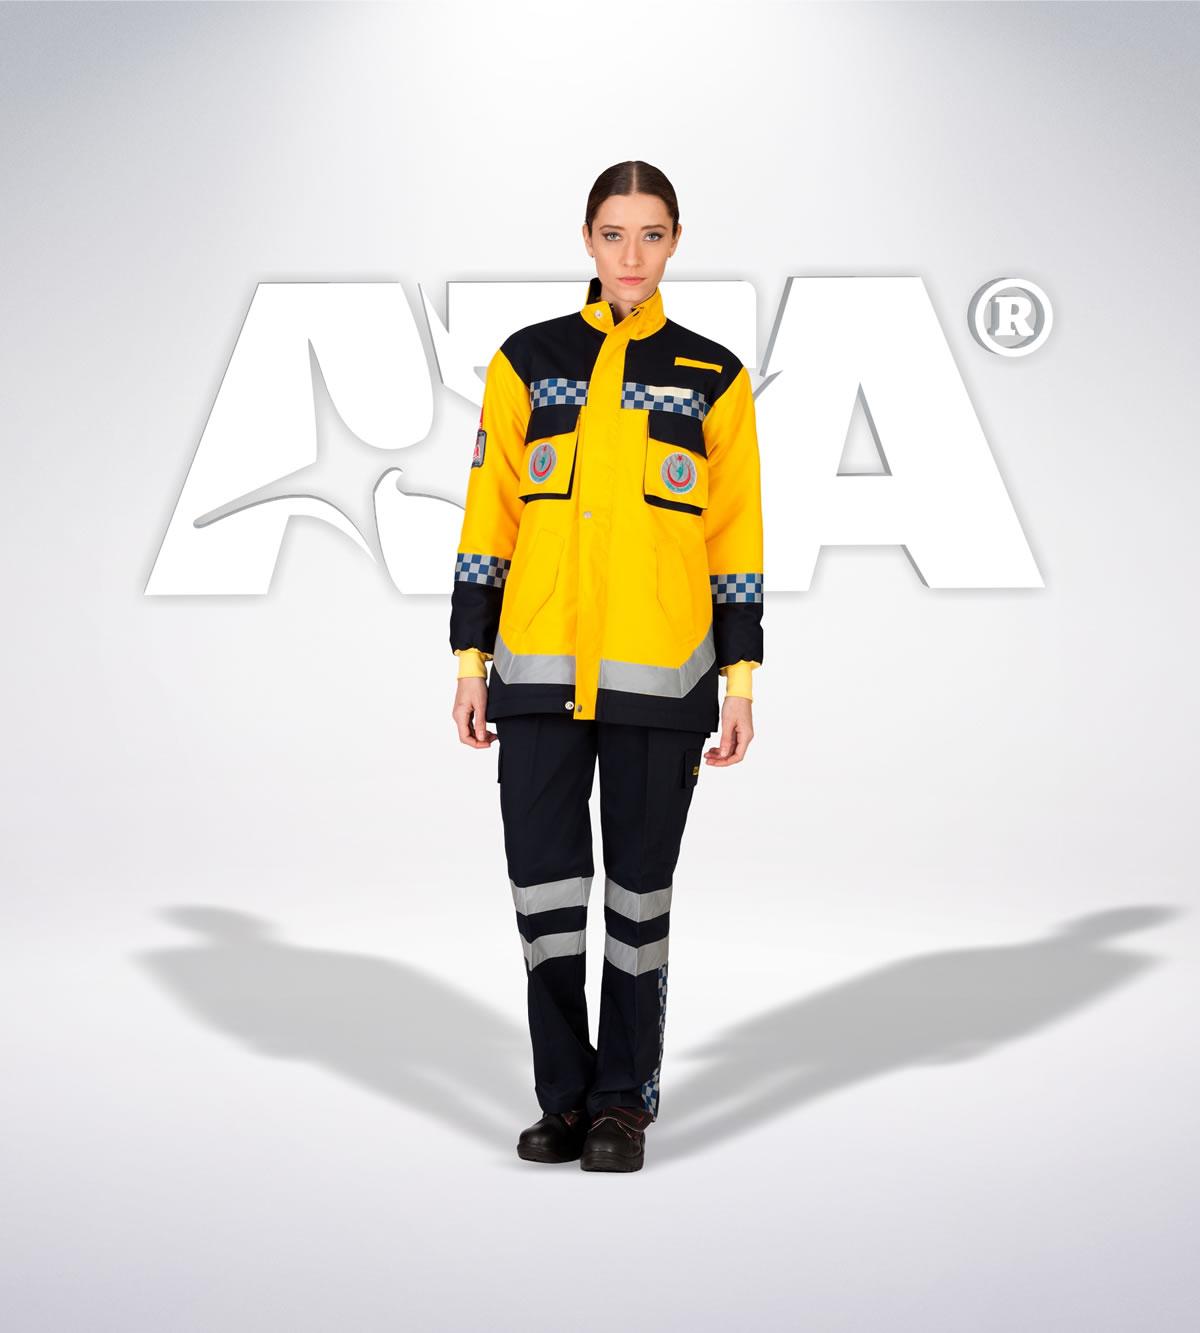 ATA 420 - iş elbiseleri | iş üniformaları | iş kıyafetleri